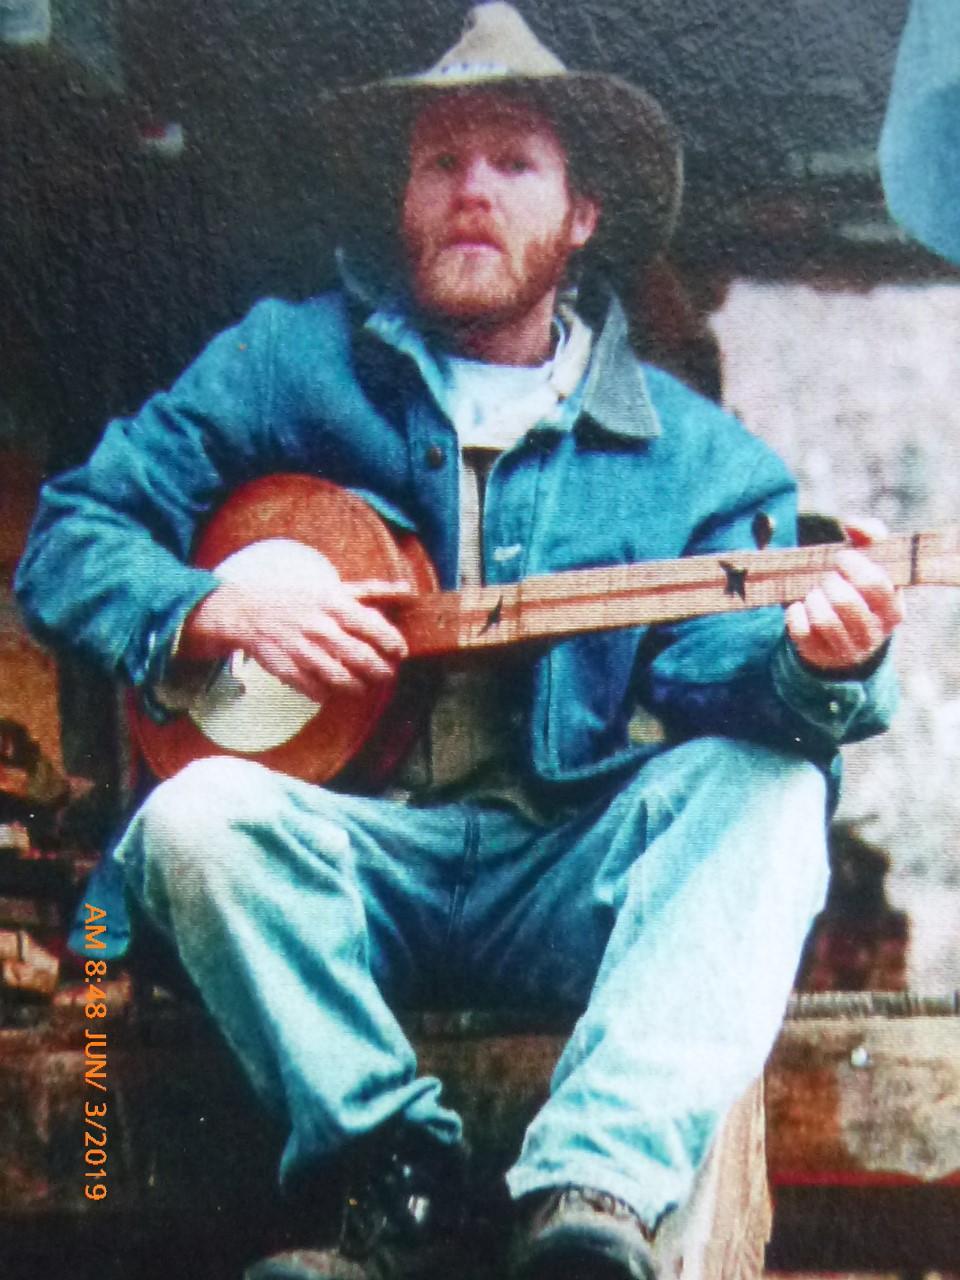 Jake Owen, with banjo